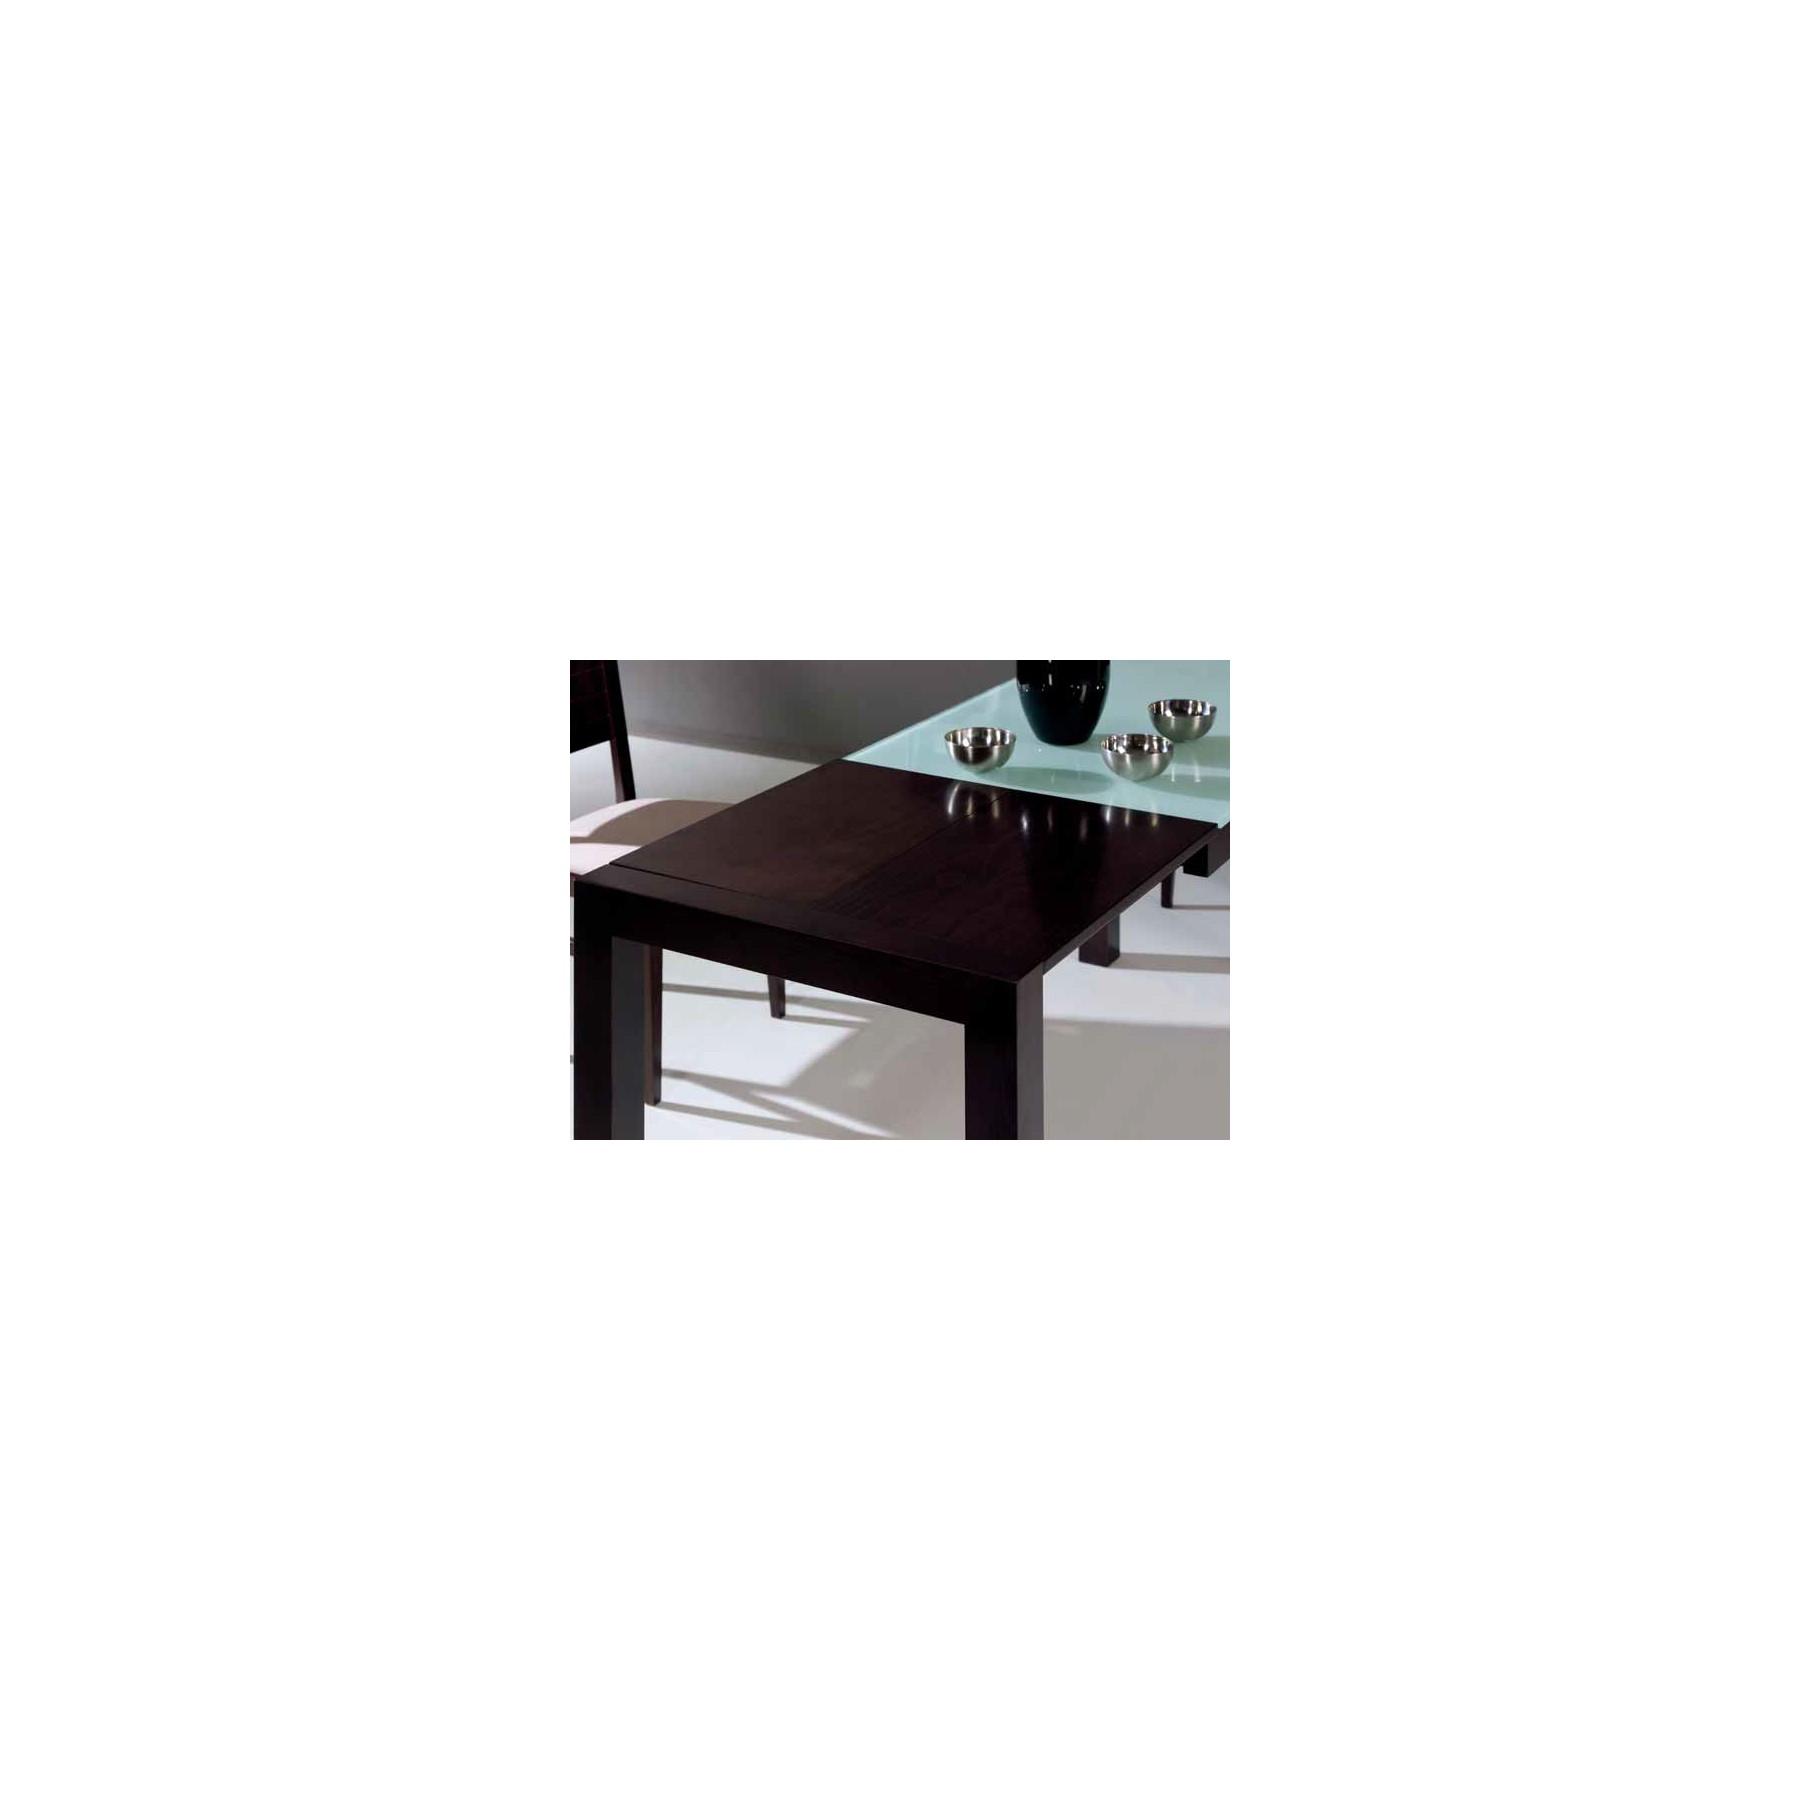 Mesa de cocina de madera extensible y cristal templado for Mesa cocina extensible ikea